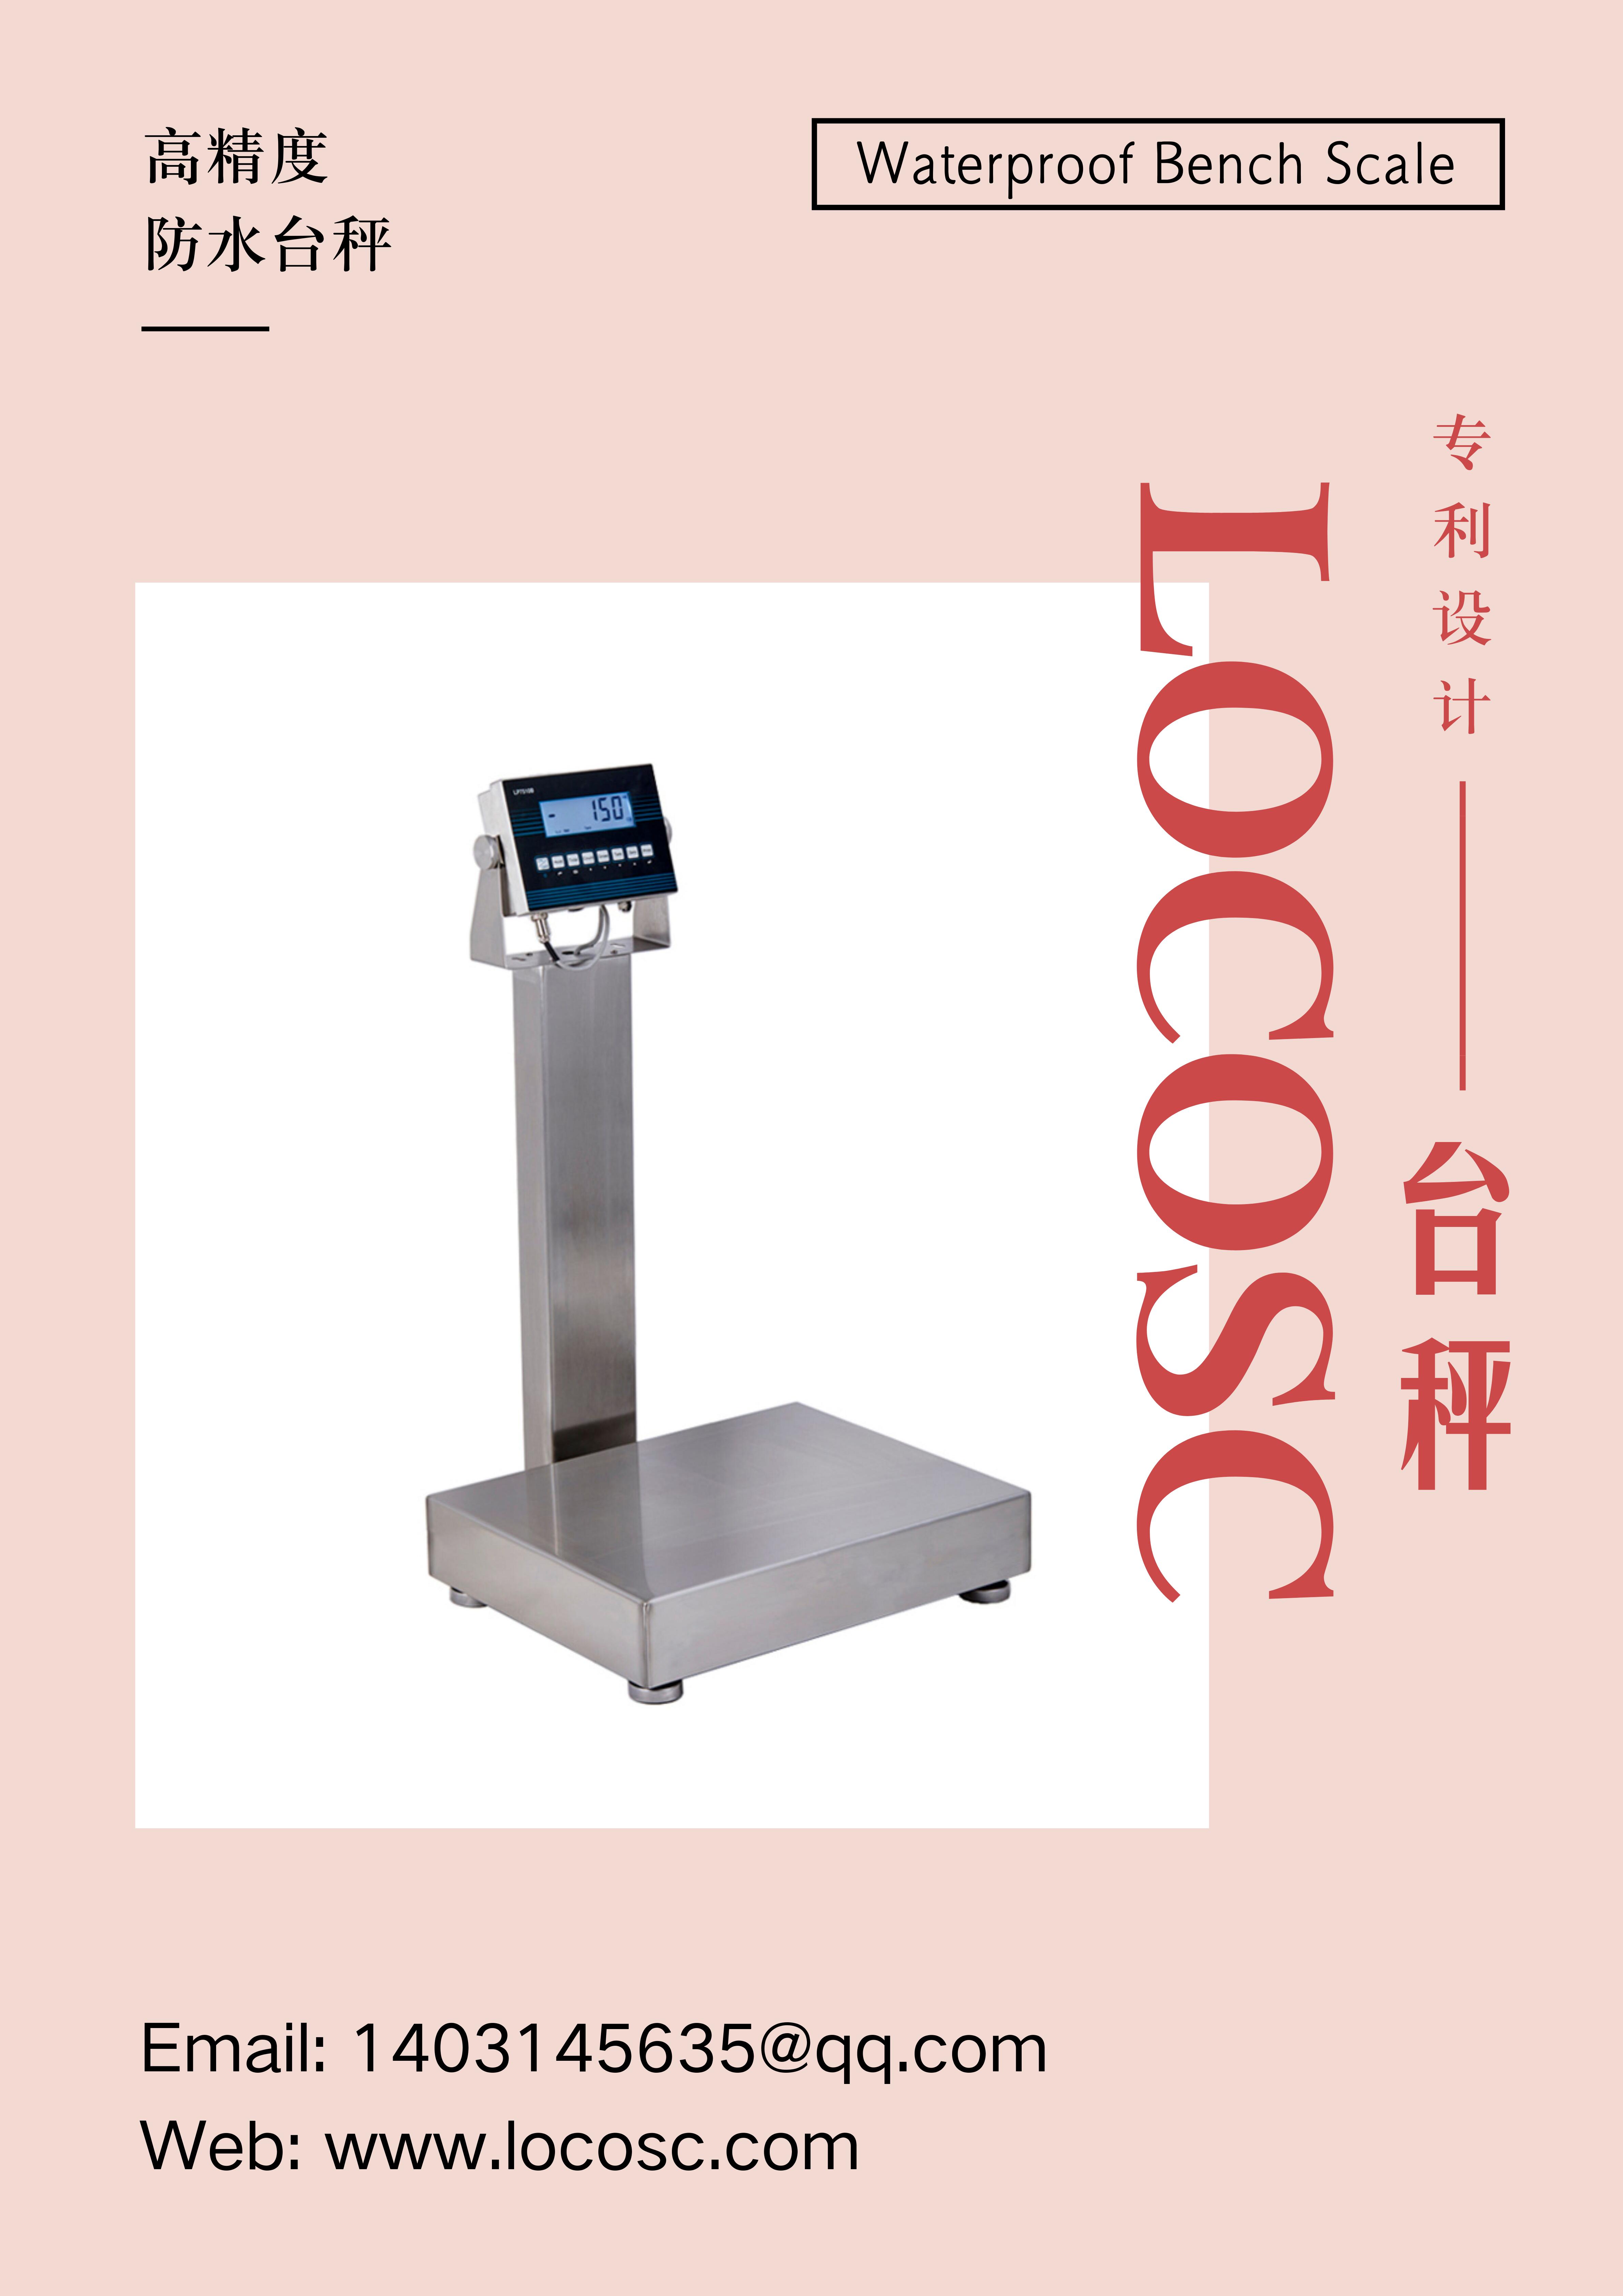 Waterproof Digital Weighing Bench Scale Industrial Scales Digital Scale Scale